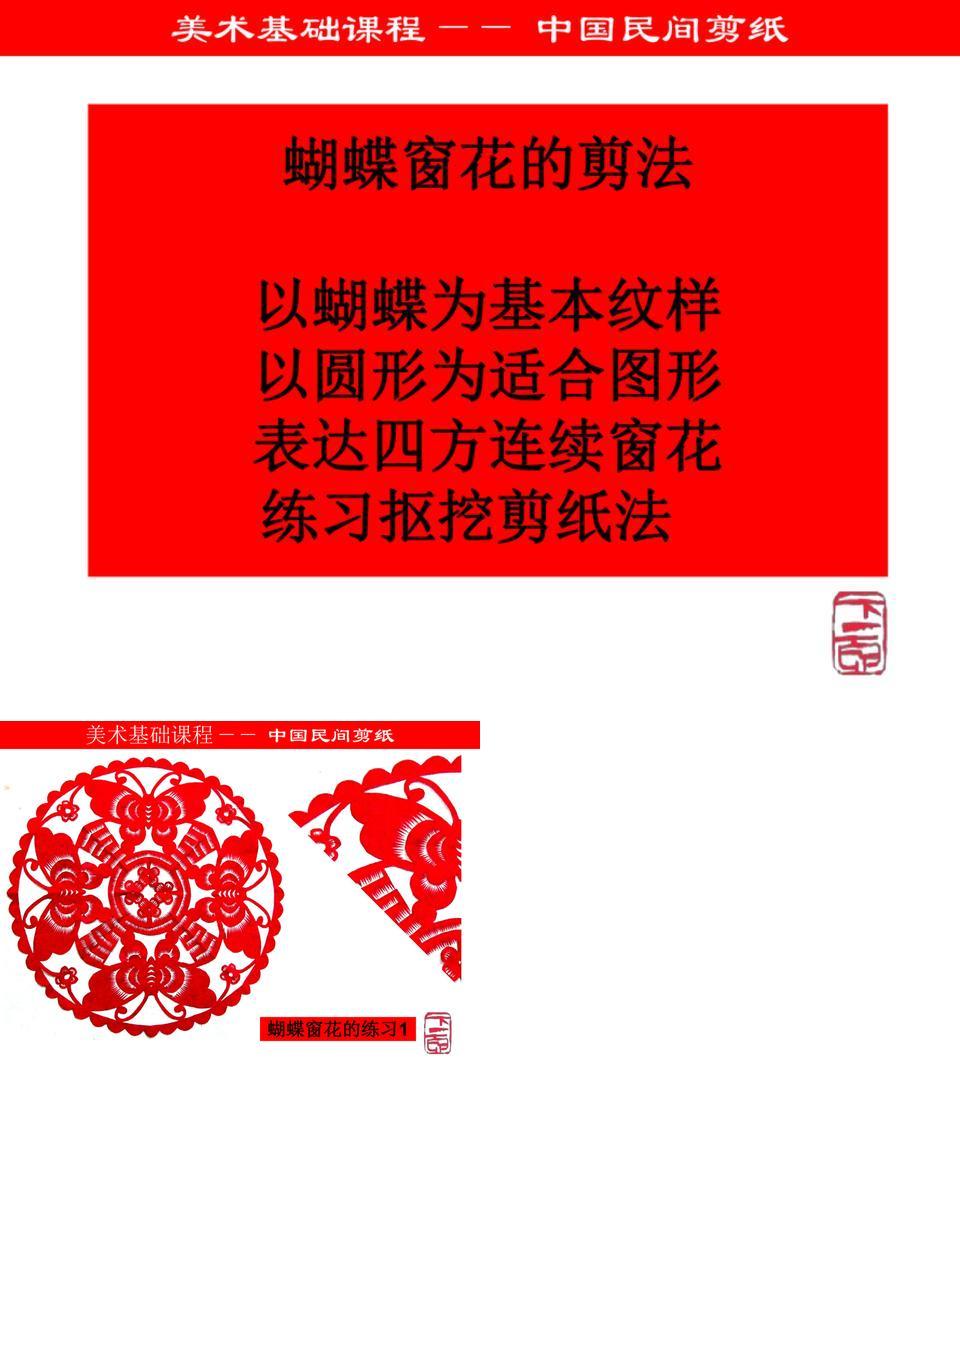 中国民间剪纸技法_第五课_蝴蝶窗花的练习.ppt